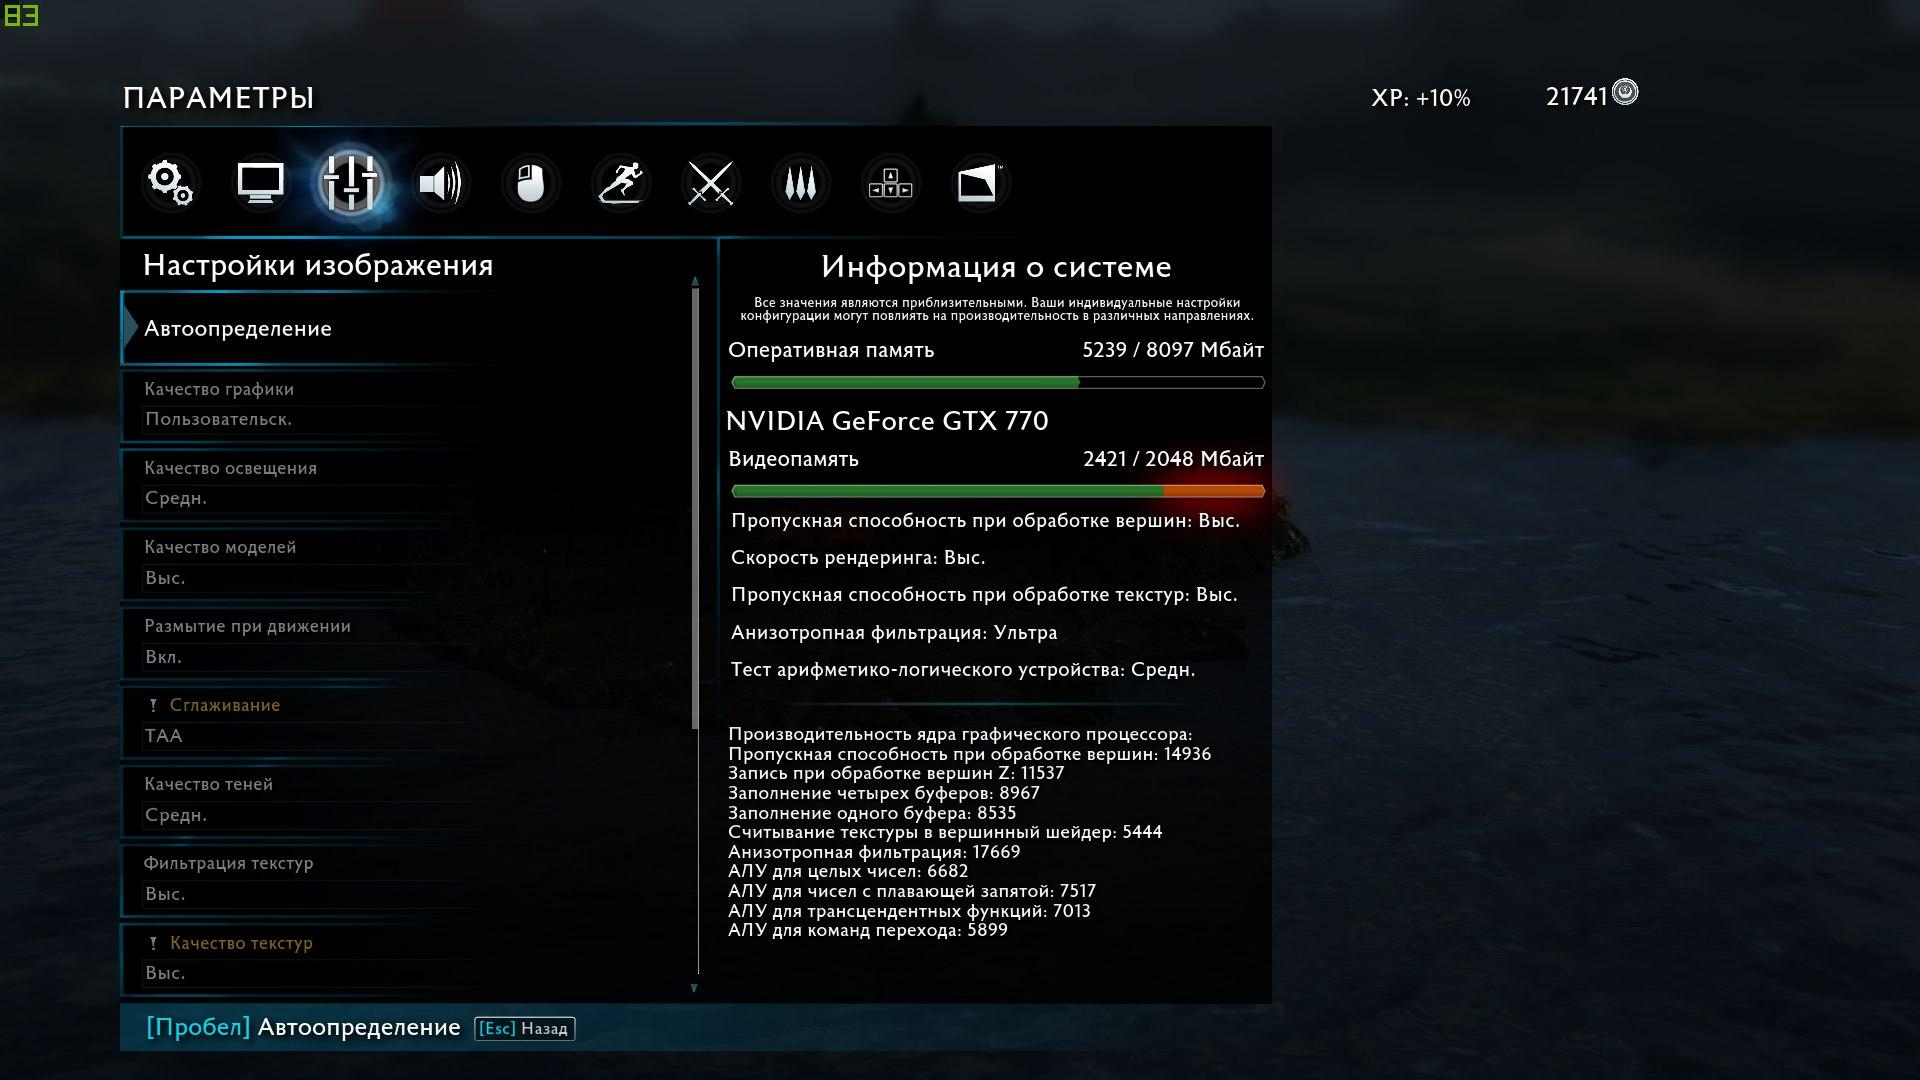 Игра неверно видит количество видеопамяти.